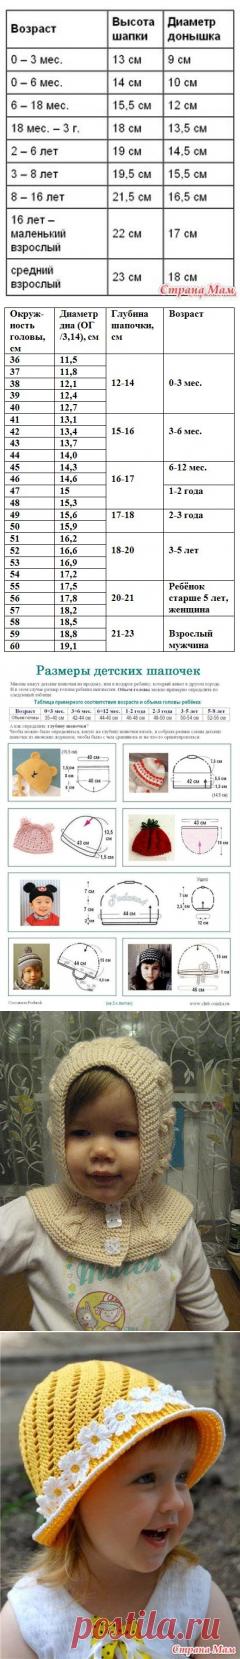 Children's knitted caps, hats, Panamanians, scarfs (schemes, descriptions)